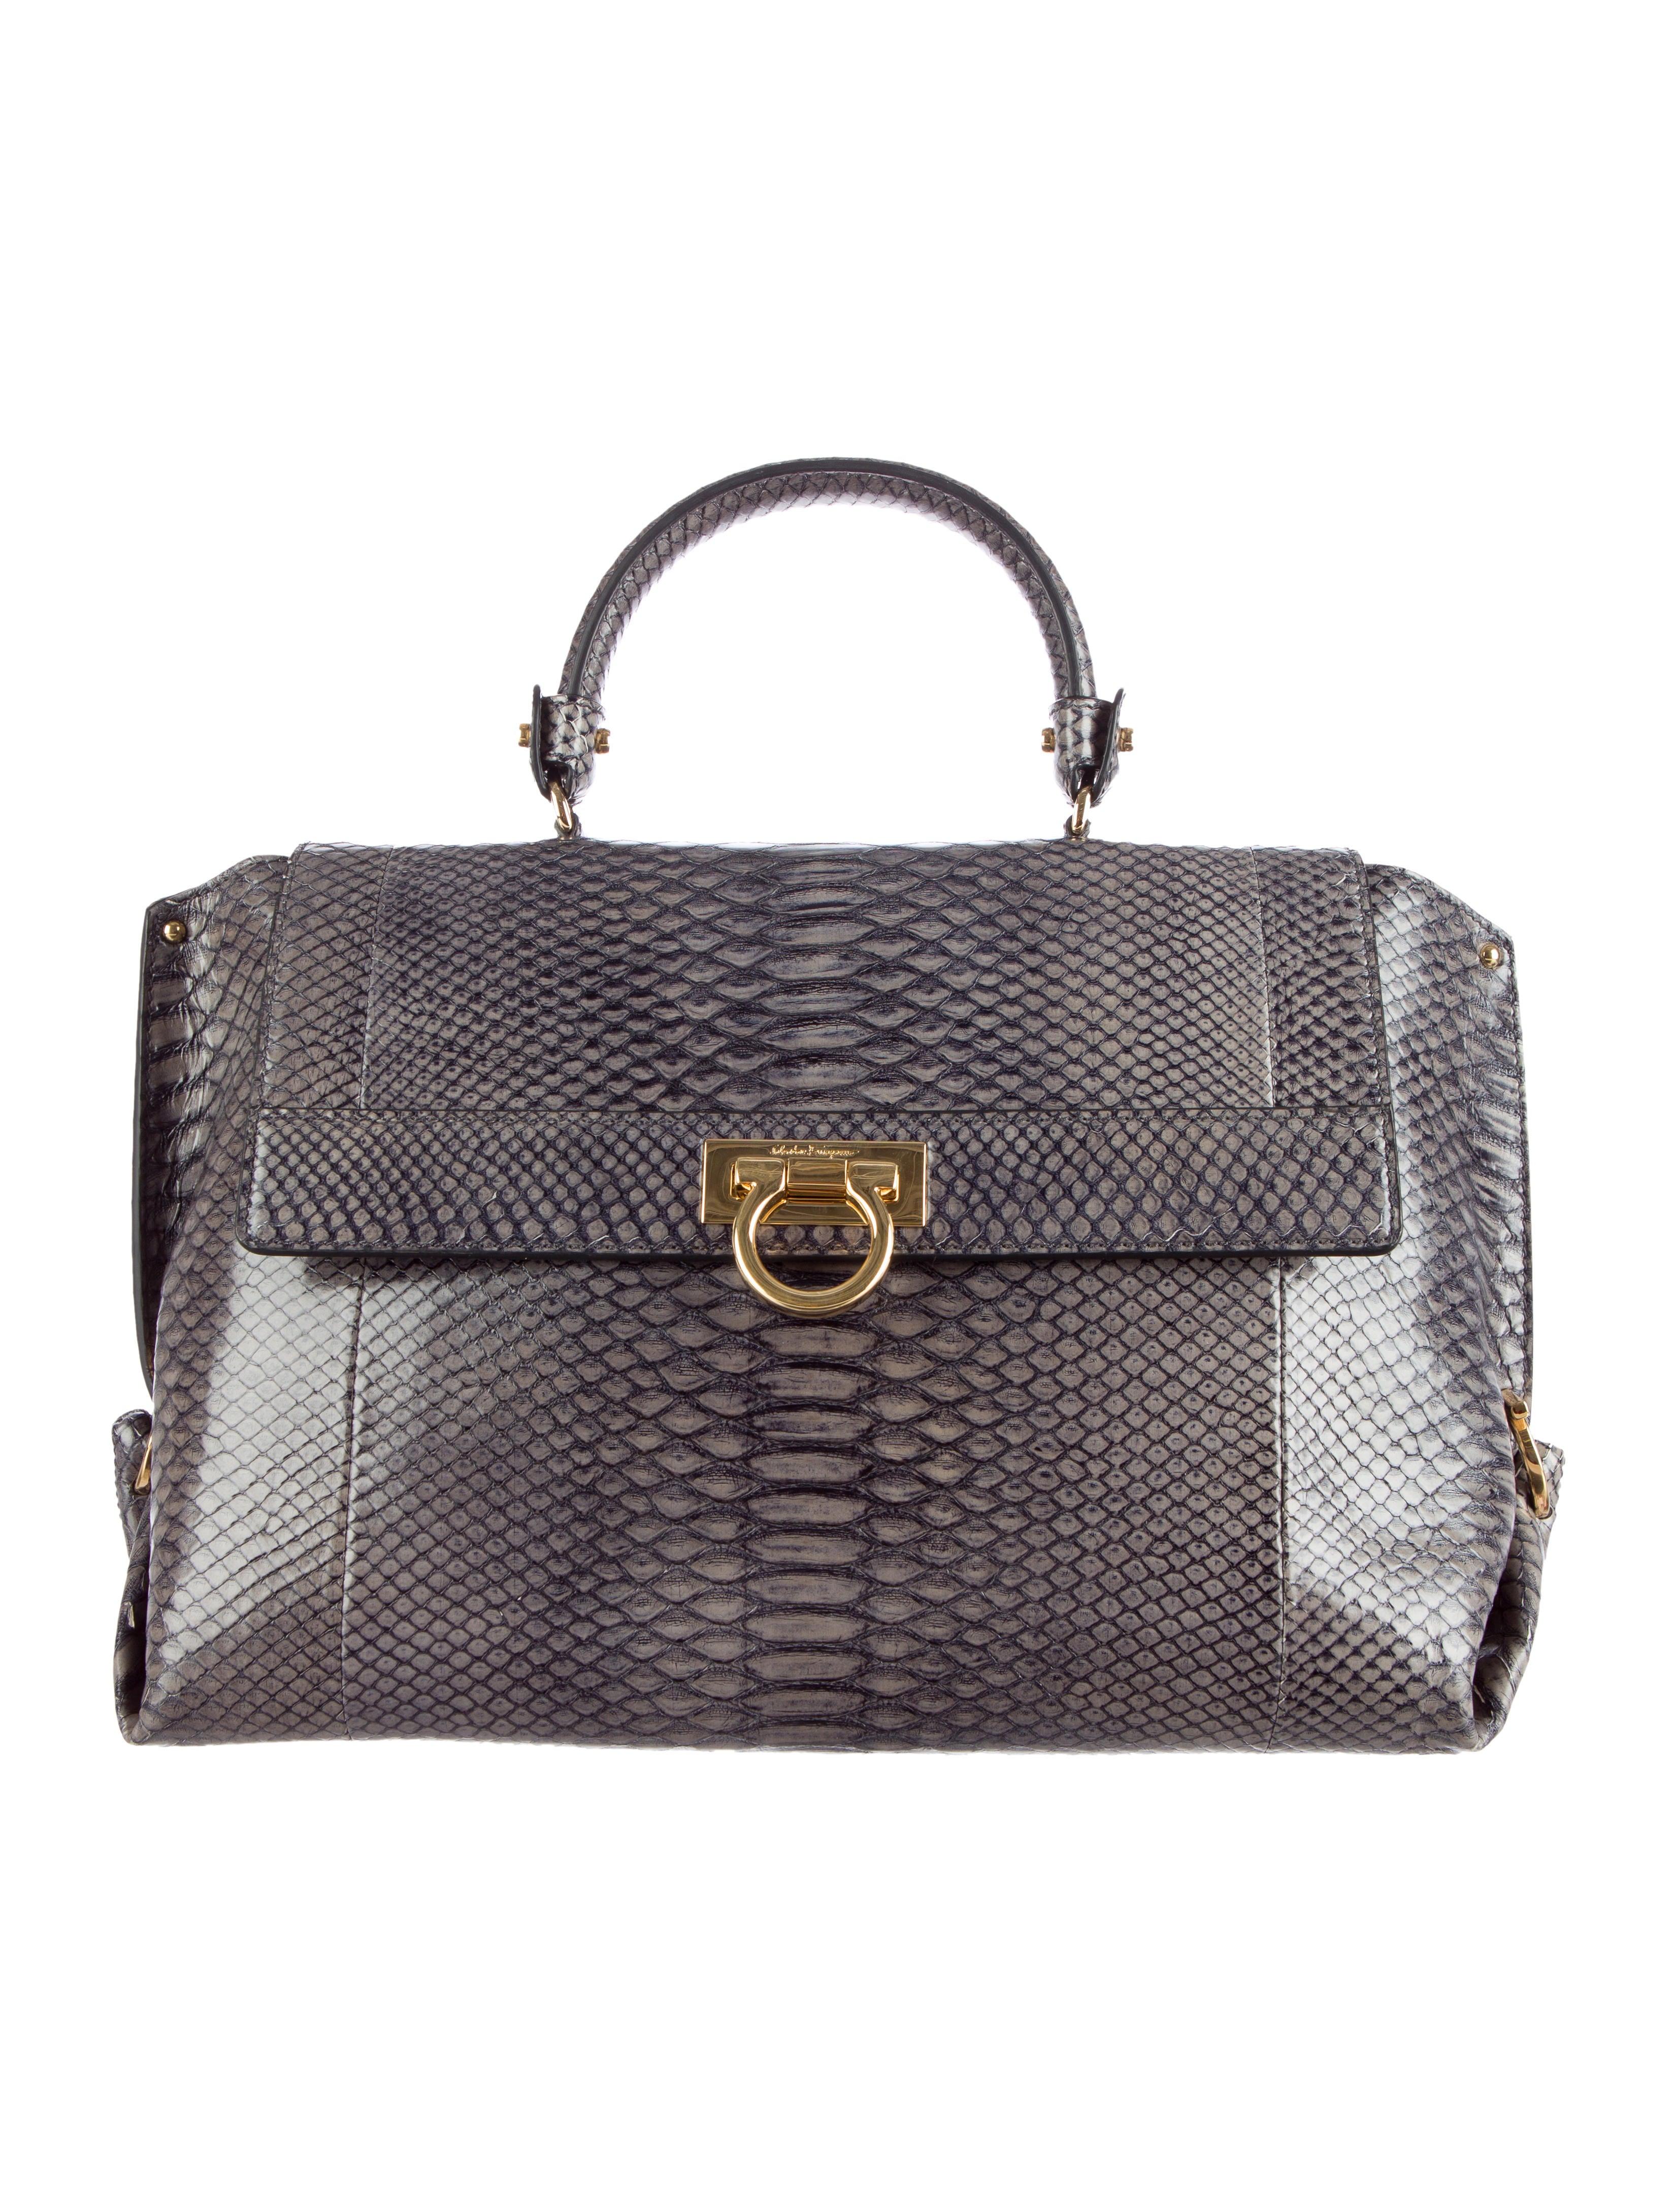 fdef739ffb Salvatore Ferragamo Medium Python Sofia Bag - Handbags - SAL29581 ...